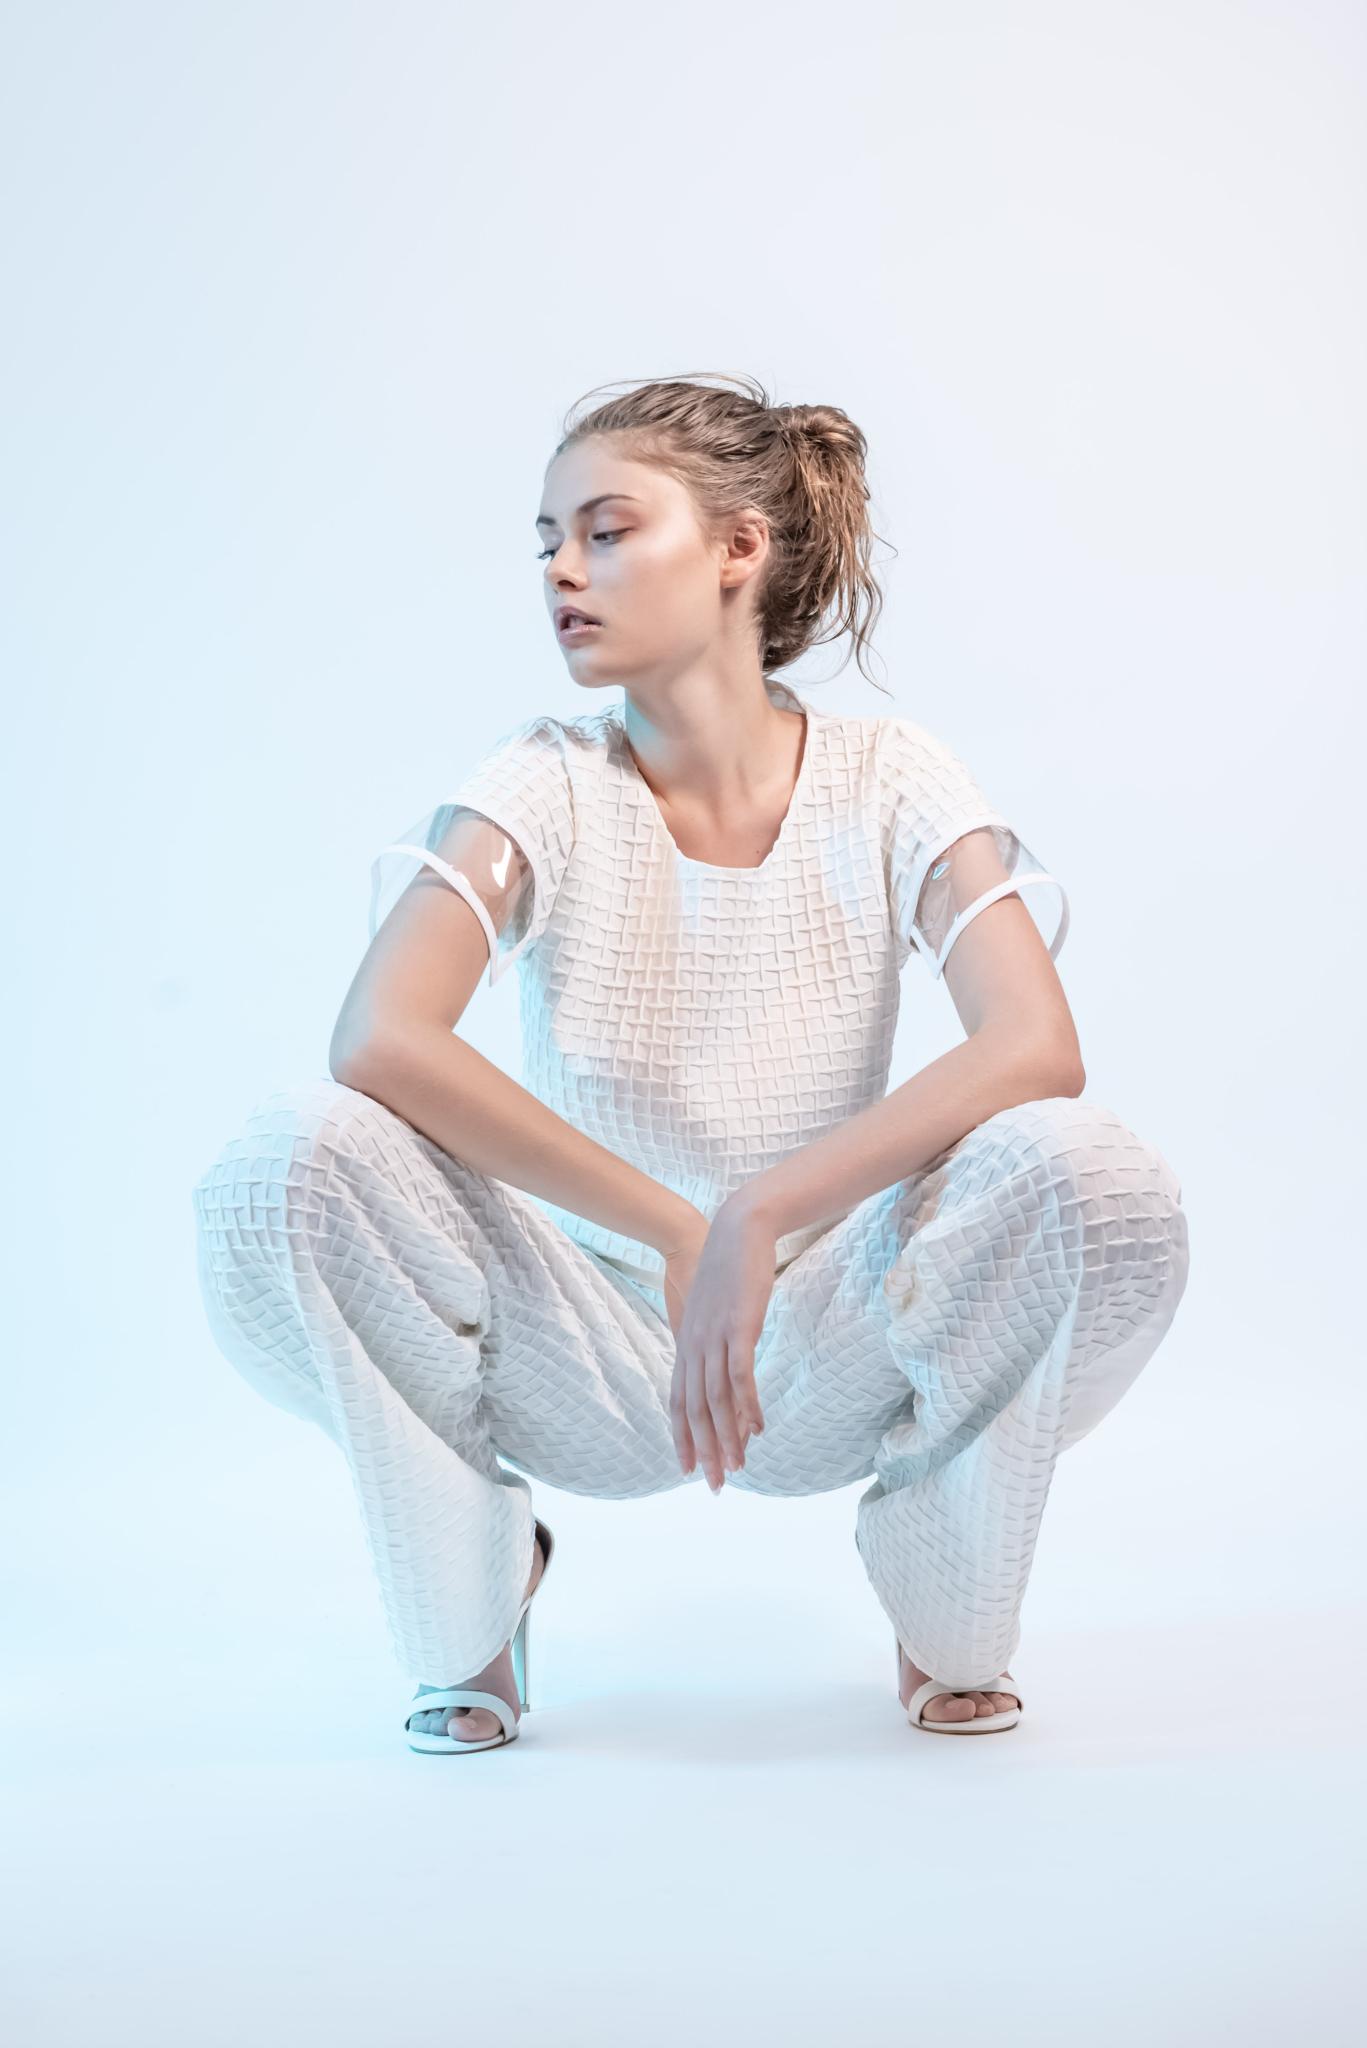 Adeline Ziliox